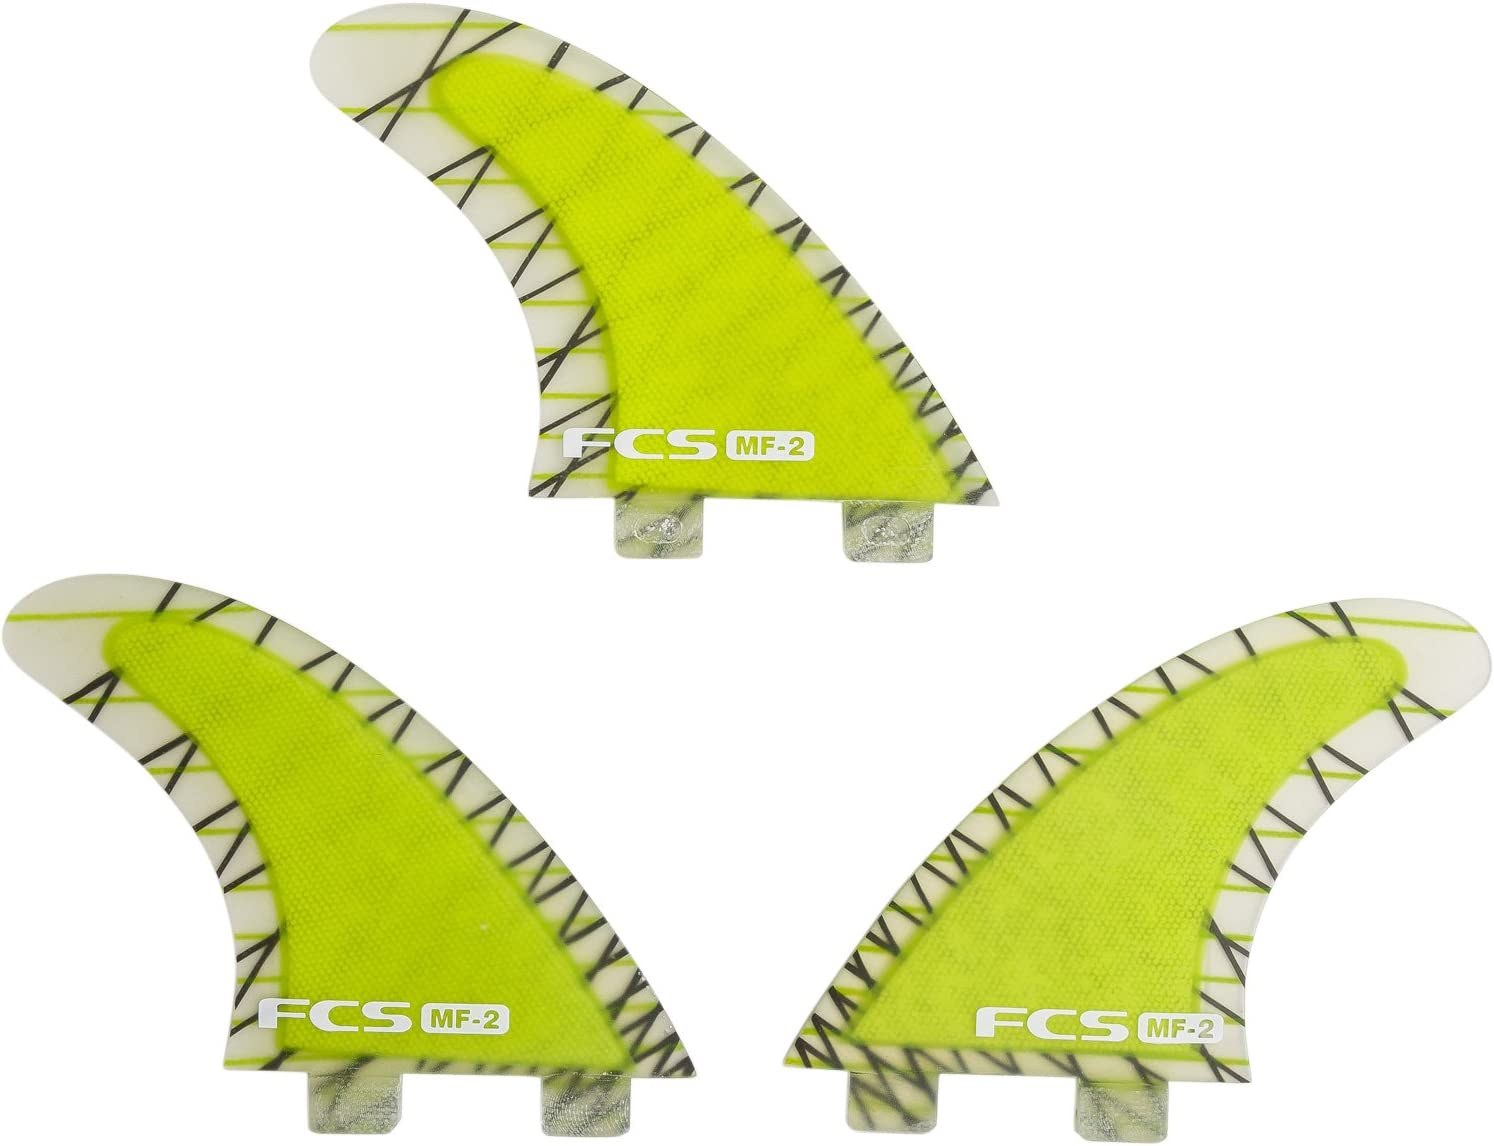 FCS/エフシーエス MF-2 PERFORMANCE CORE/ミックファニング パフォーマンスコア トライフィンセット サーフィン用